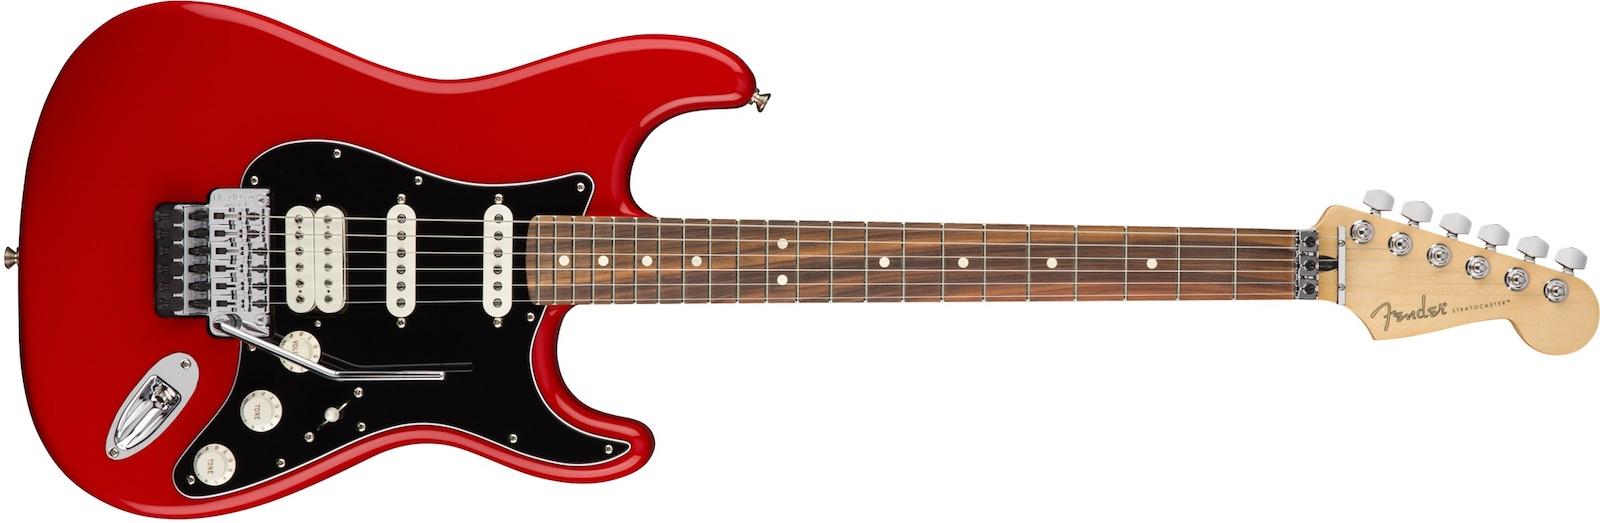 【新品】Fender Player Stratocaster Floyd Rose HSS Pau Ferro Fingerboard ~Sonic Red~【お取り寄せ】【送料無料】【池袋店】